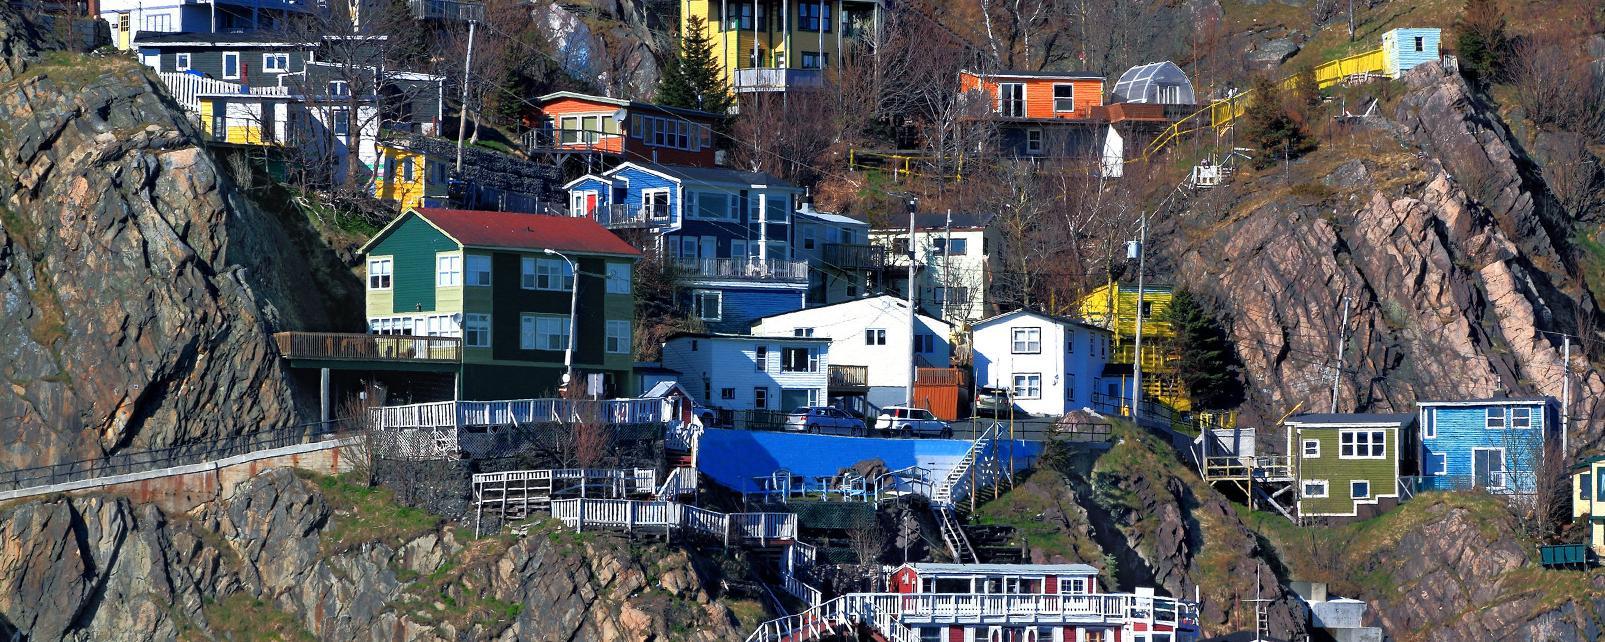 Amérique, Amérique du Nord, Canada, Terre-Neuve-et-Labrador, amérique, amérique du nord, canada, village, maison, mer, rocher,